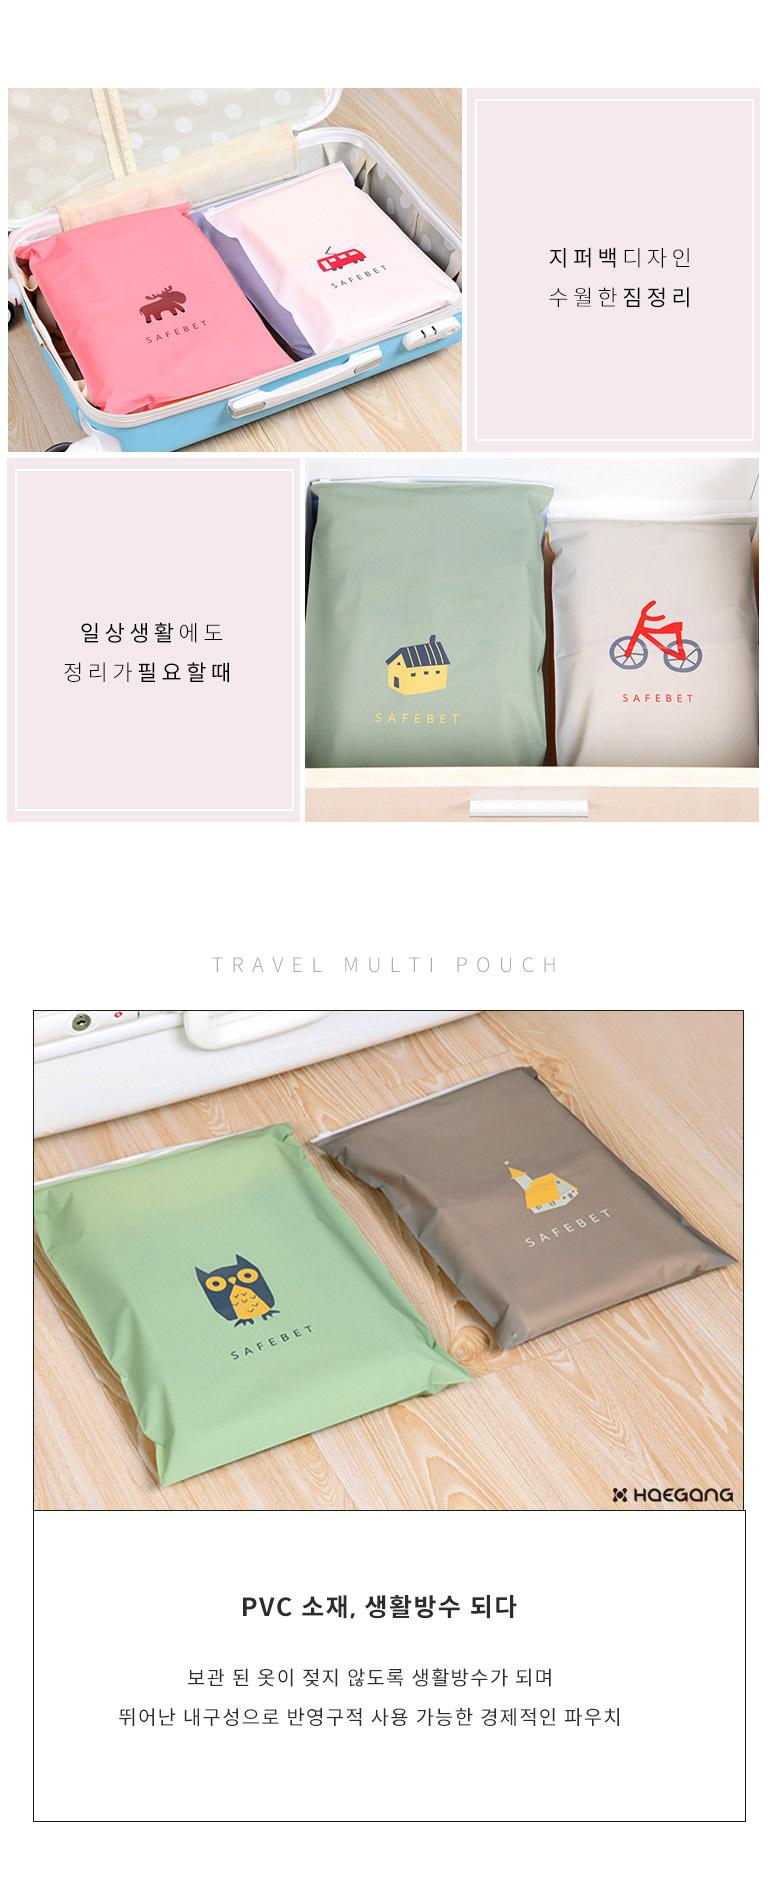 여행용 PVC 디자인 지퍼백 - 세일덕, 1,200원, 트래블팩단품, 지퍼/비닐백